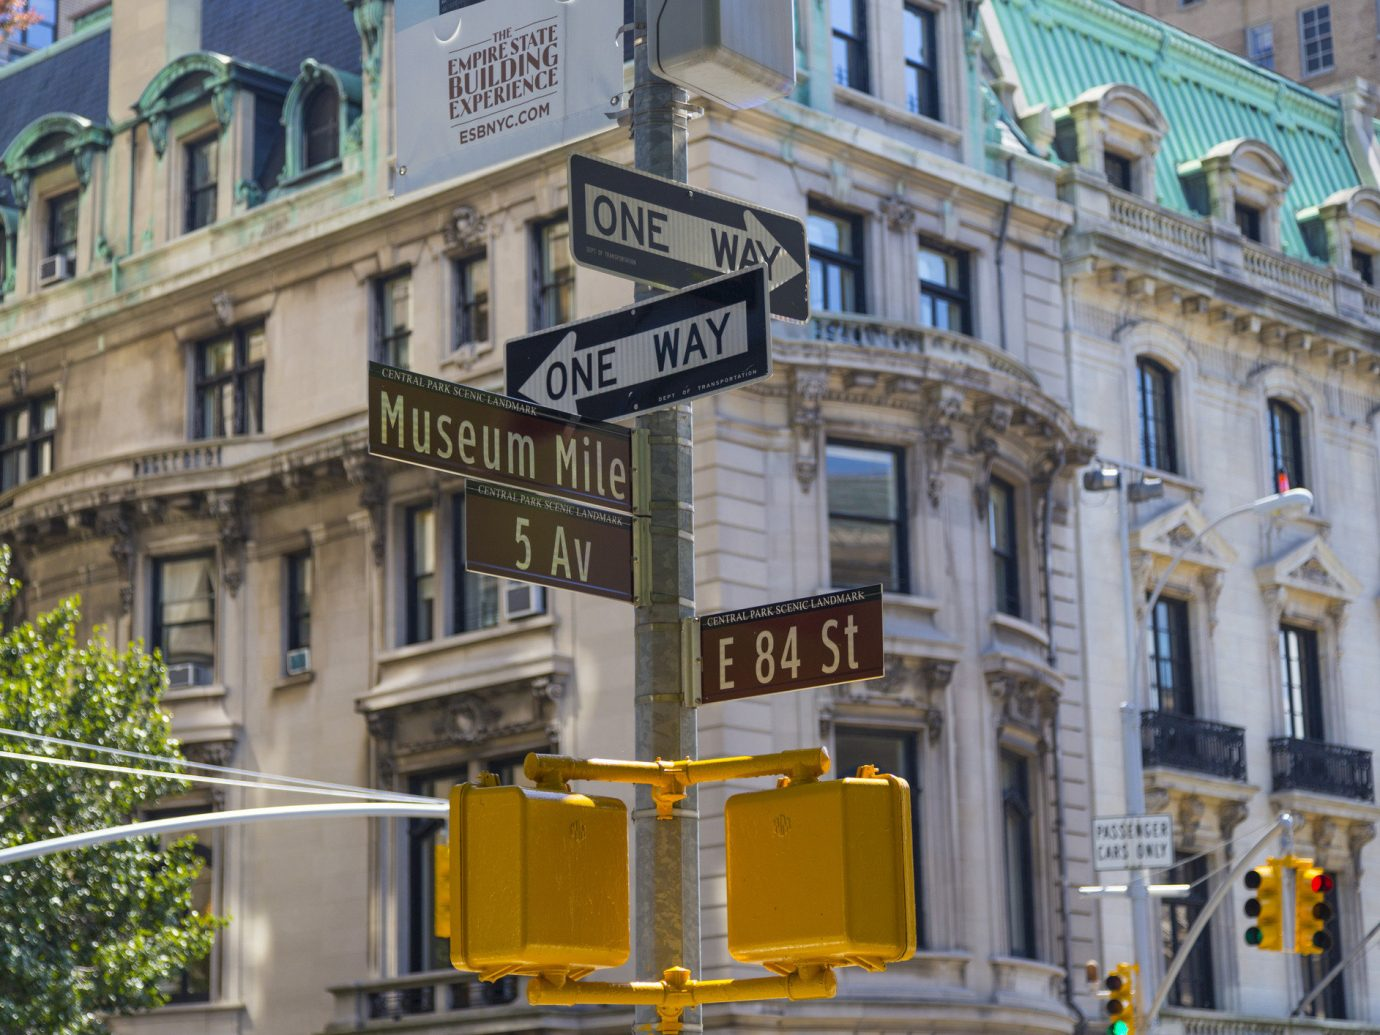 Romance Trip Ideas Weekend Getaways building outdoor street Town neighbourhood Architecture facade sign Downtown City